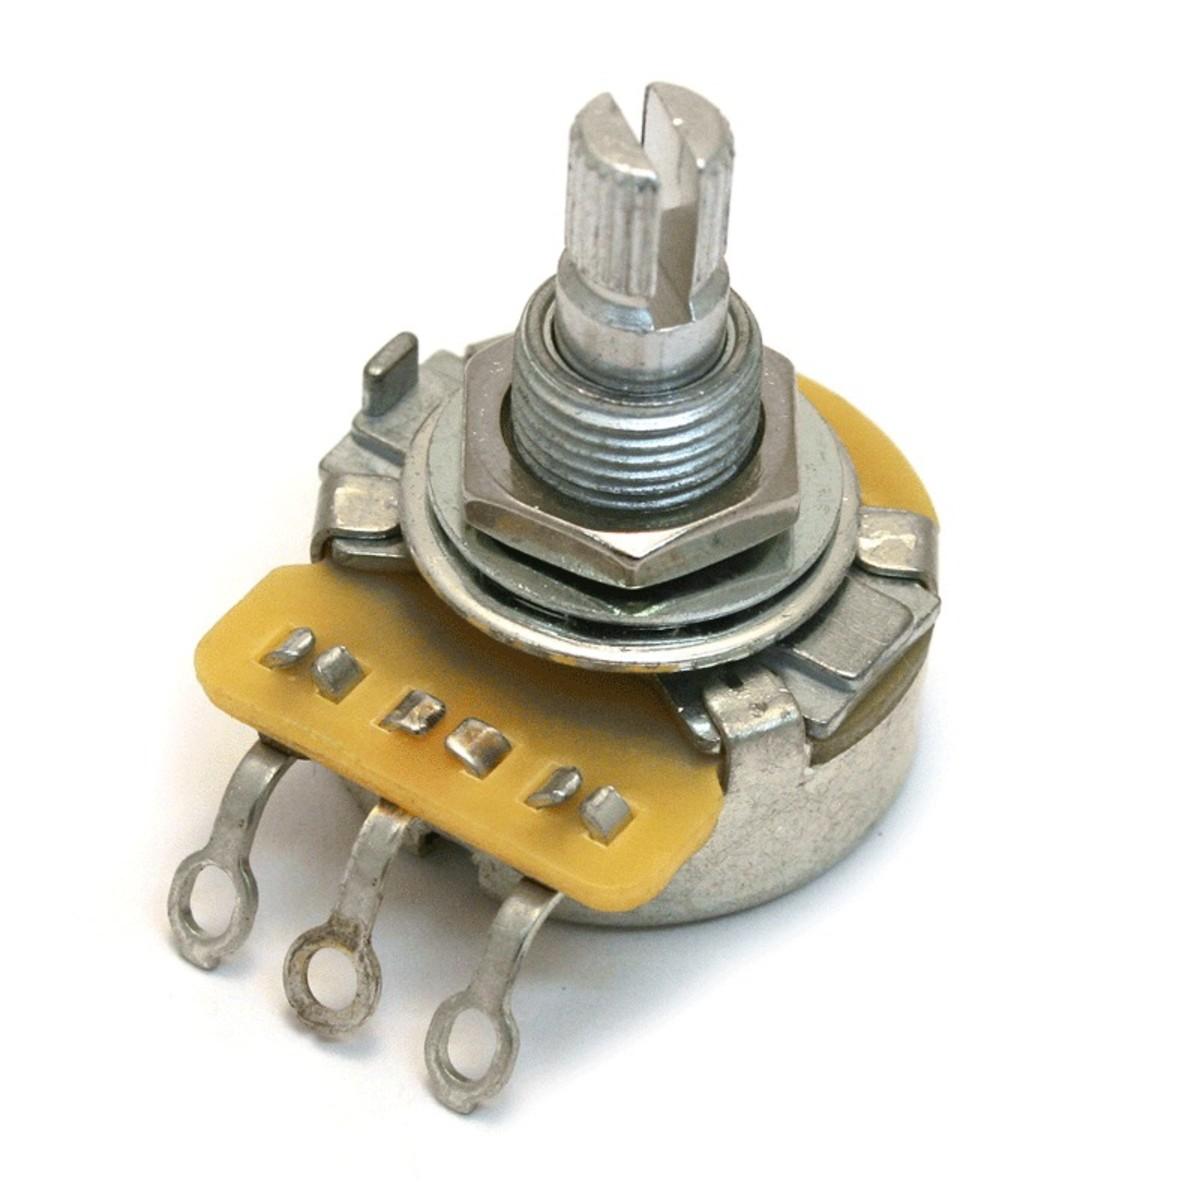 Image of CTS EP-0086-000 500K Log. Split Shaft Potentiometer